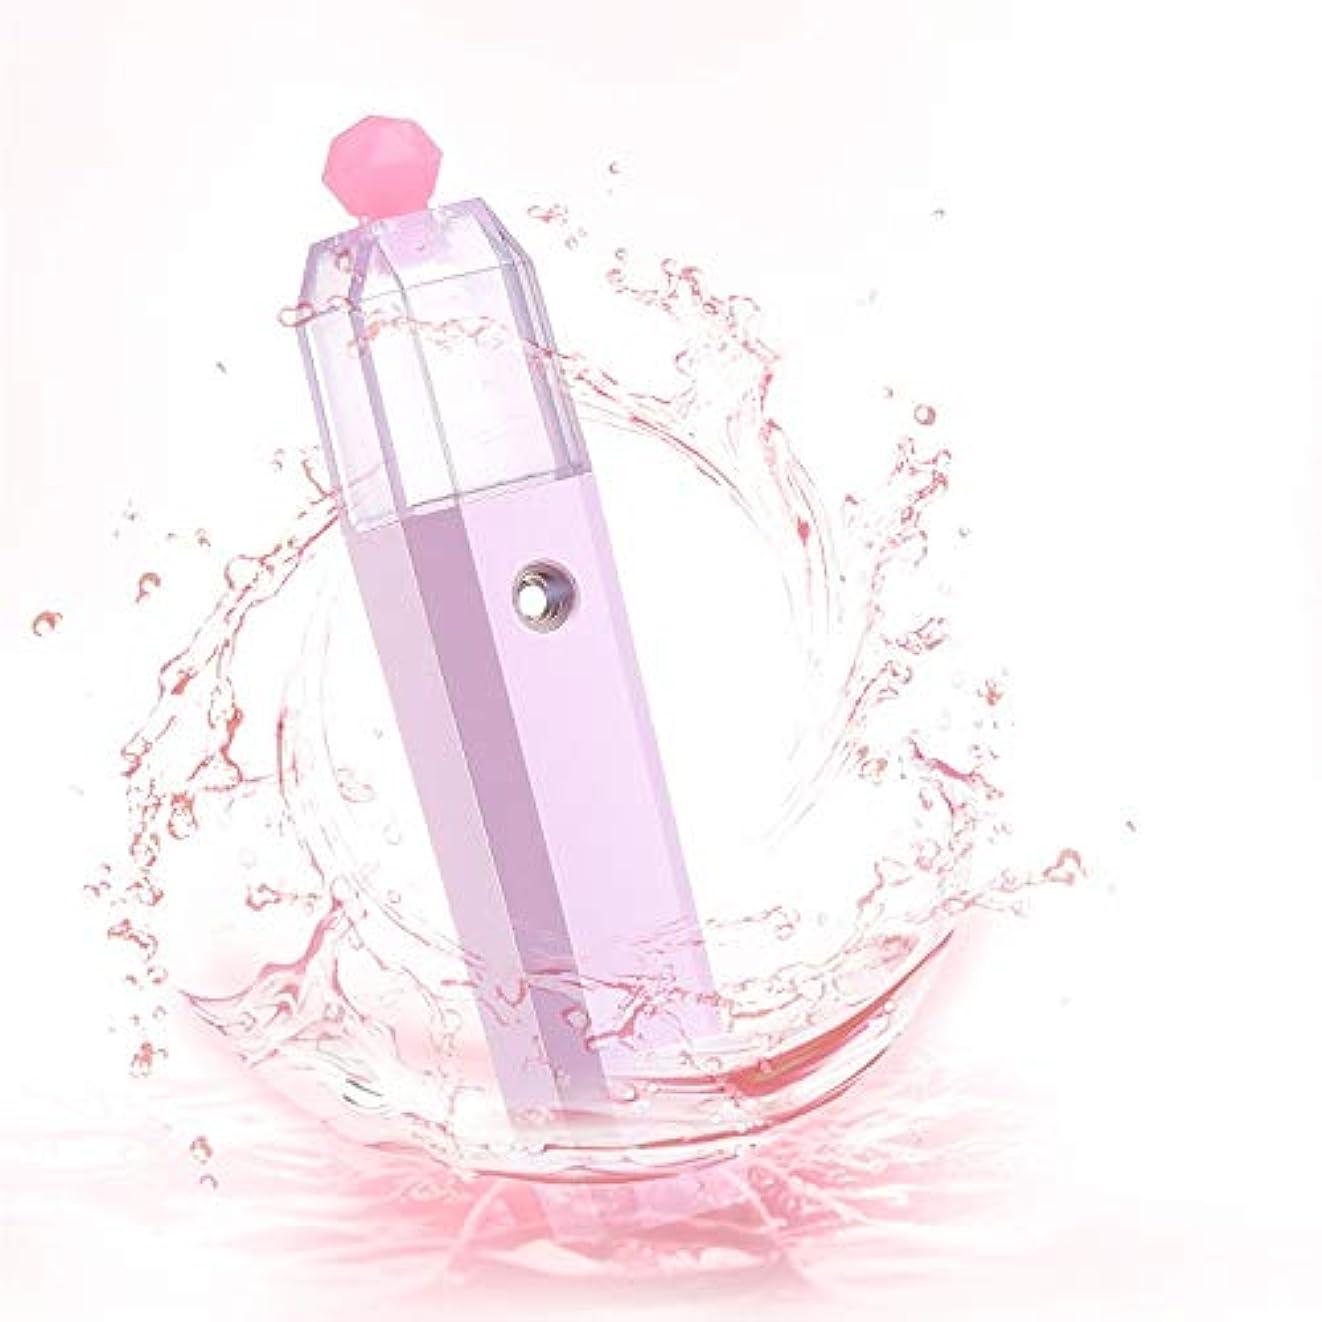 忌まわしい好奇心盛割るZXF 水道メーター美容ハンドスプレー新しいナノスプレーポータブル家庭用フェイスフェイシャルモイスチャライザーピンク 滑らかである